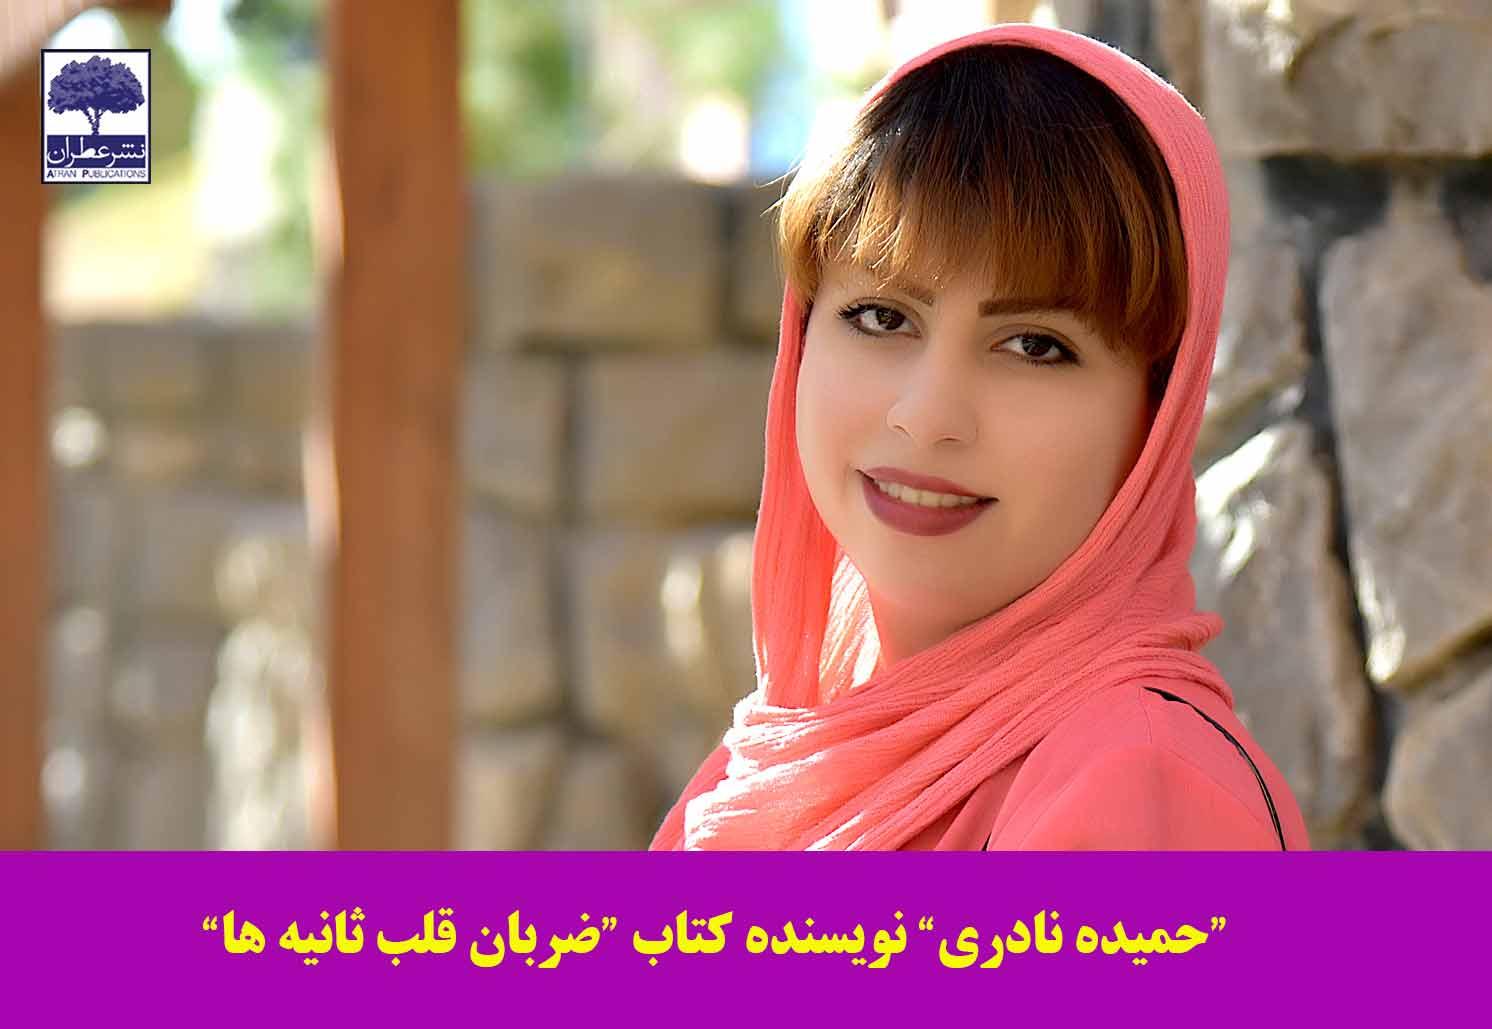 حمیده-نادری-نویسنده-کتاب-ضربان-قلب-ثانیه-ها-نشر-ملی-عطران1